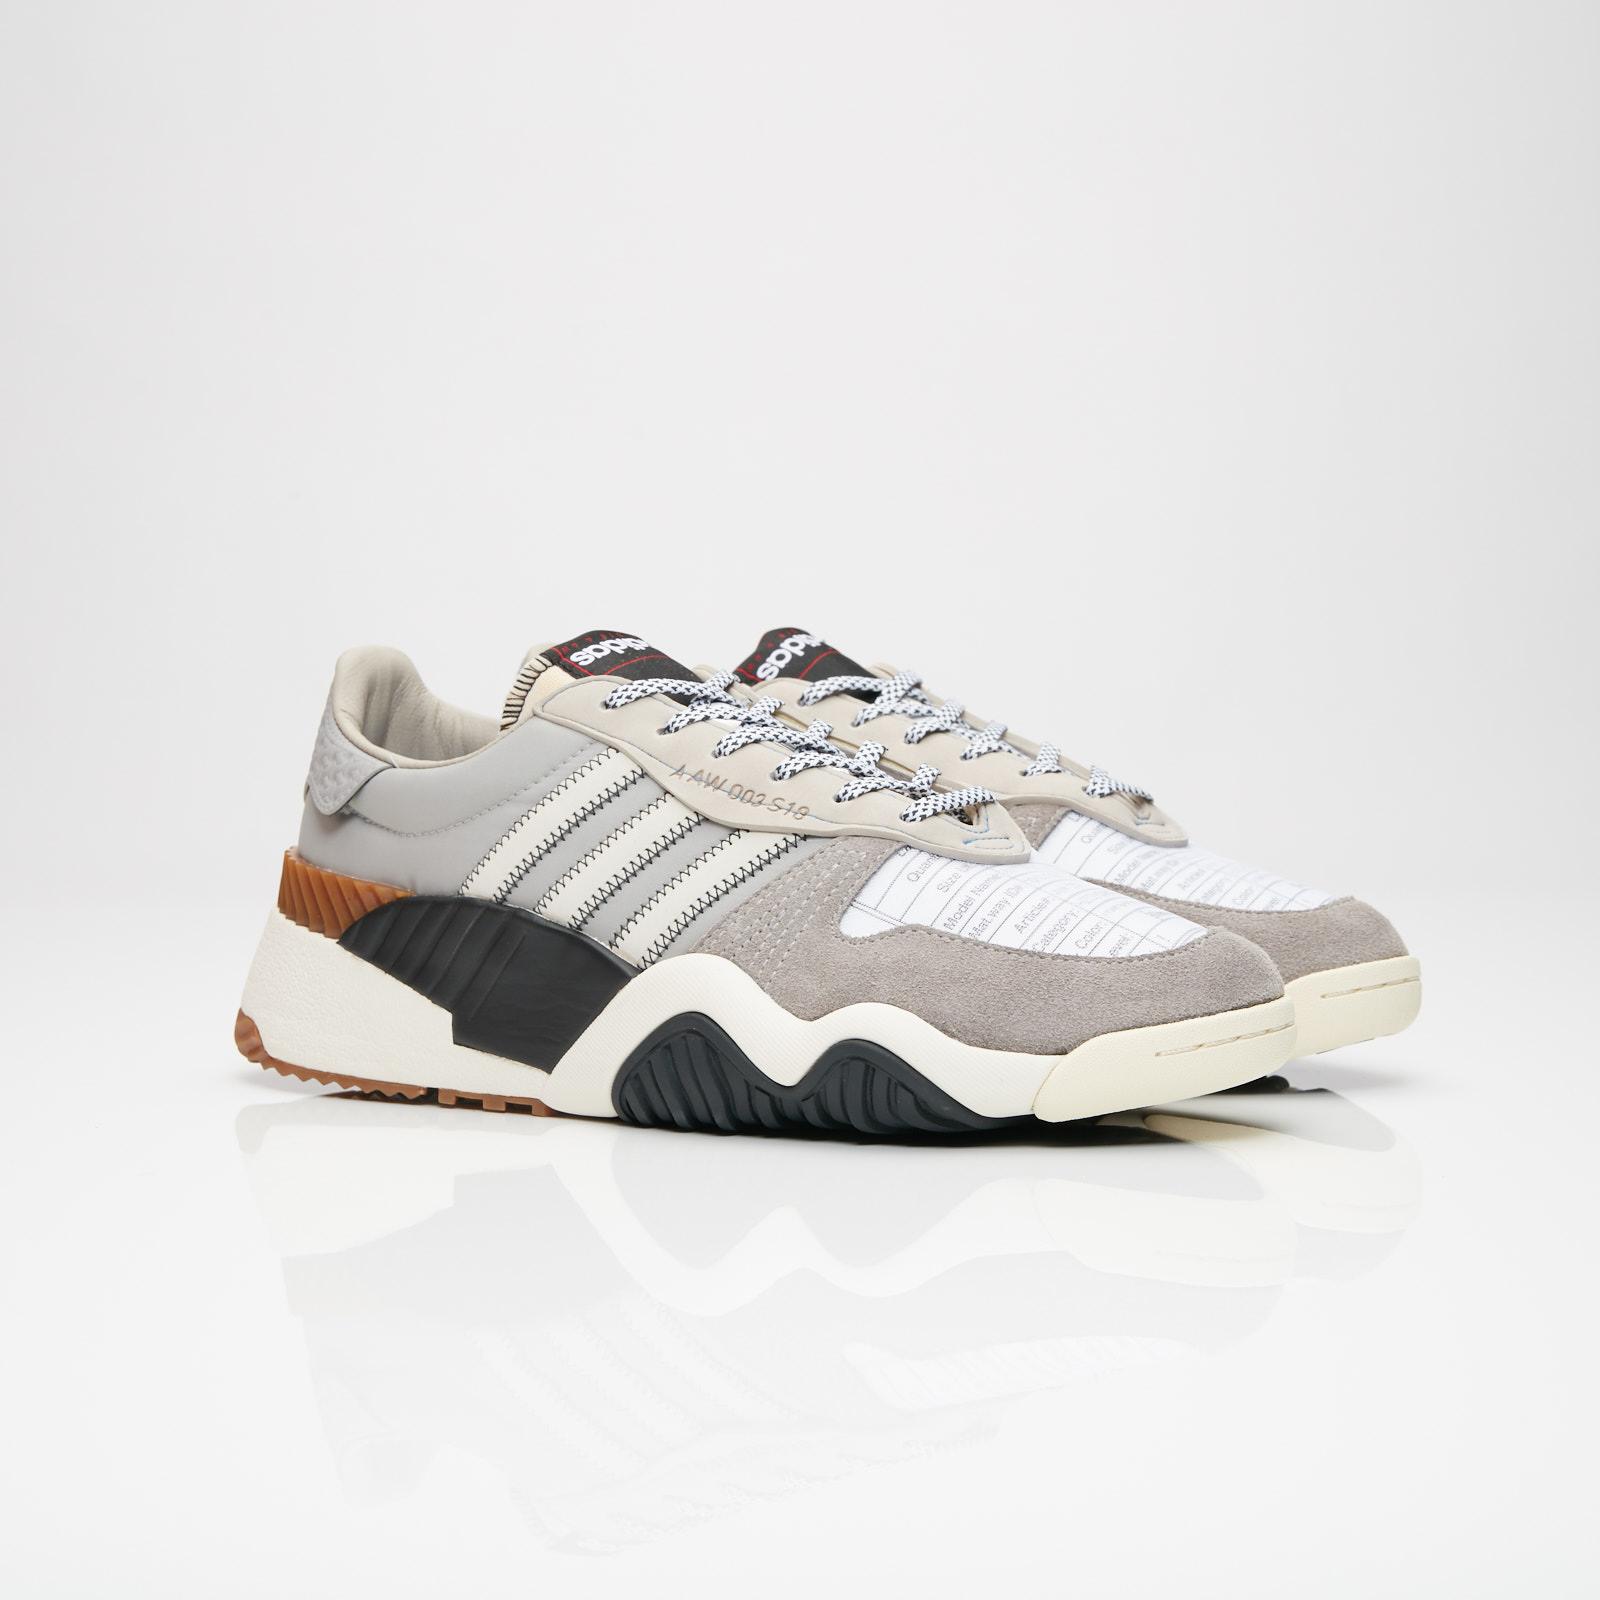 adidas Originals by Alexander Wang Trainer x Alexander Wang a8a9634f1